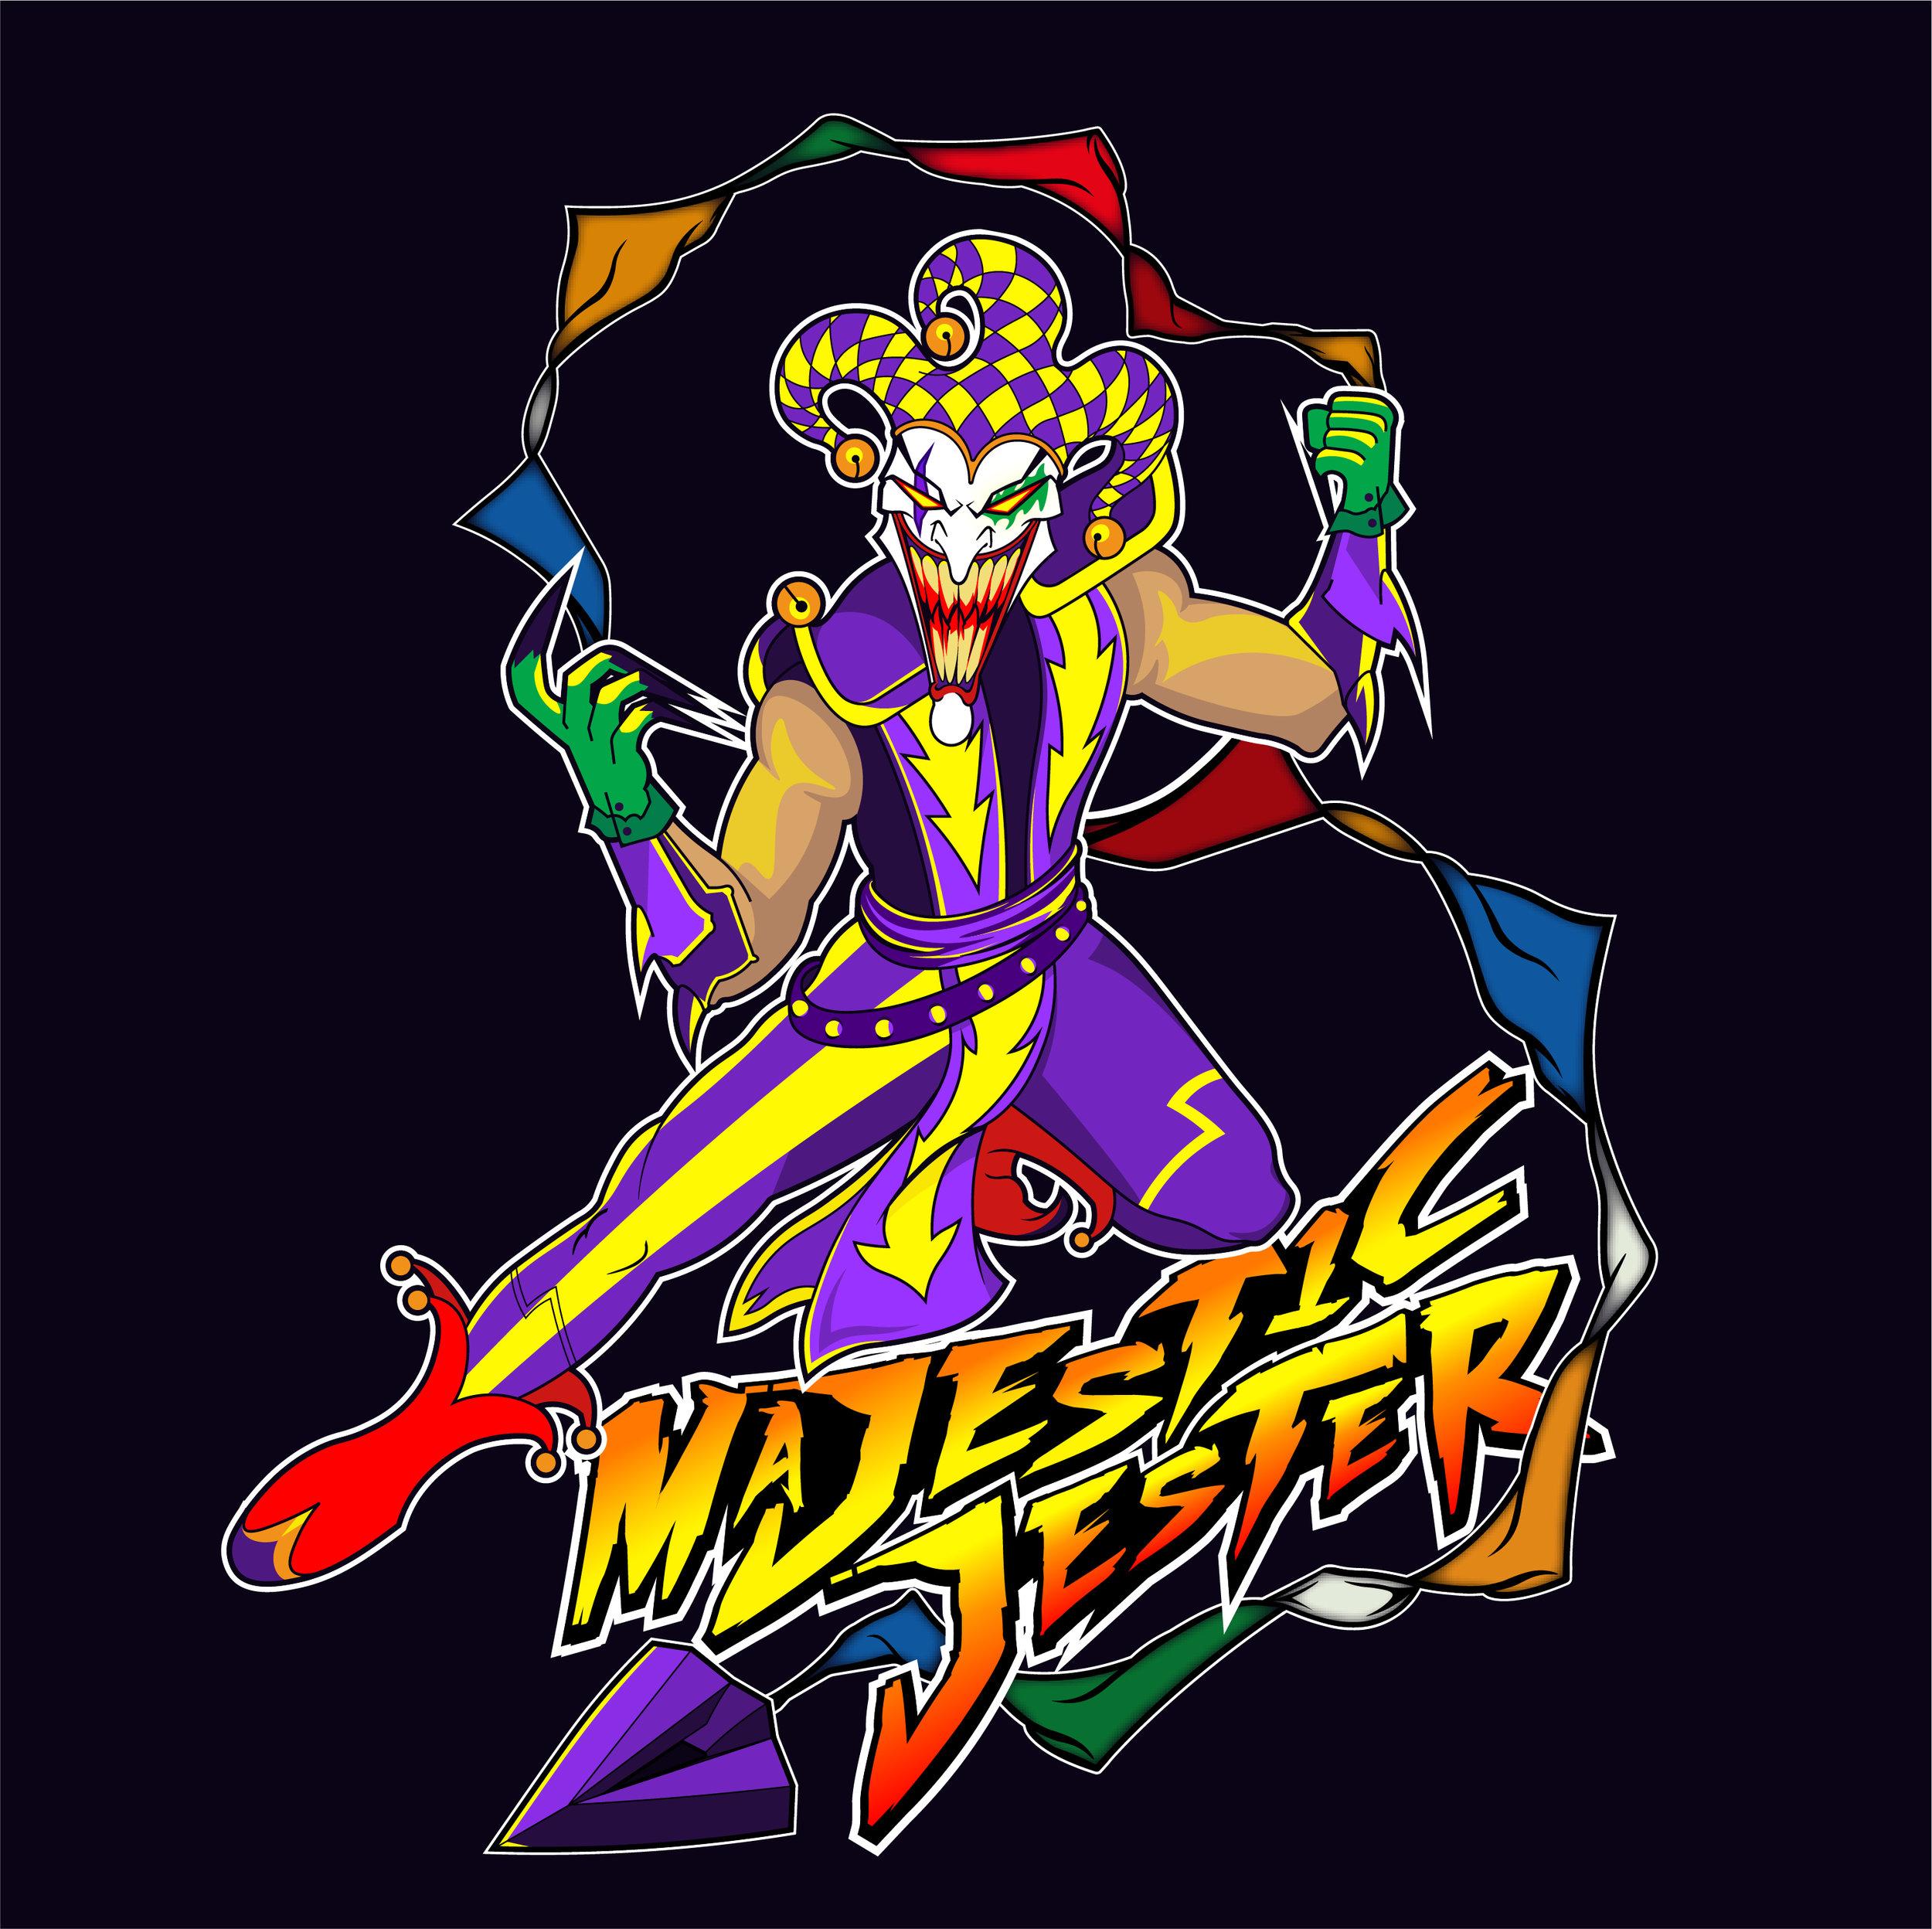 Majestic Jester.jpg